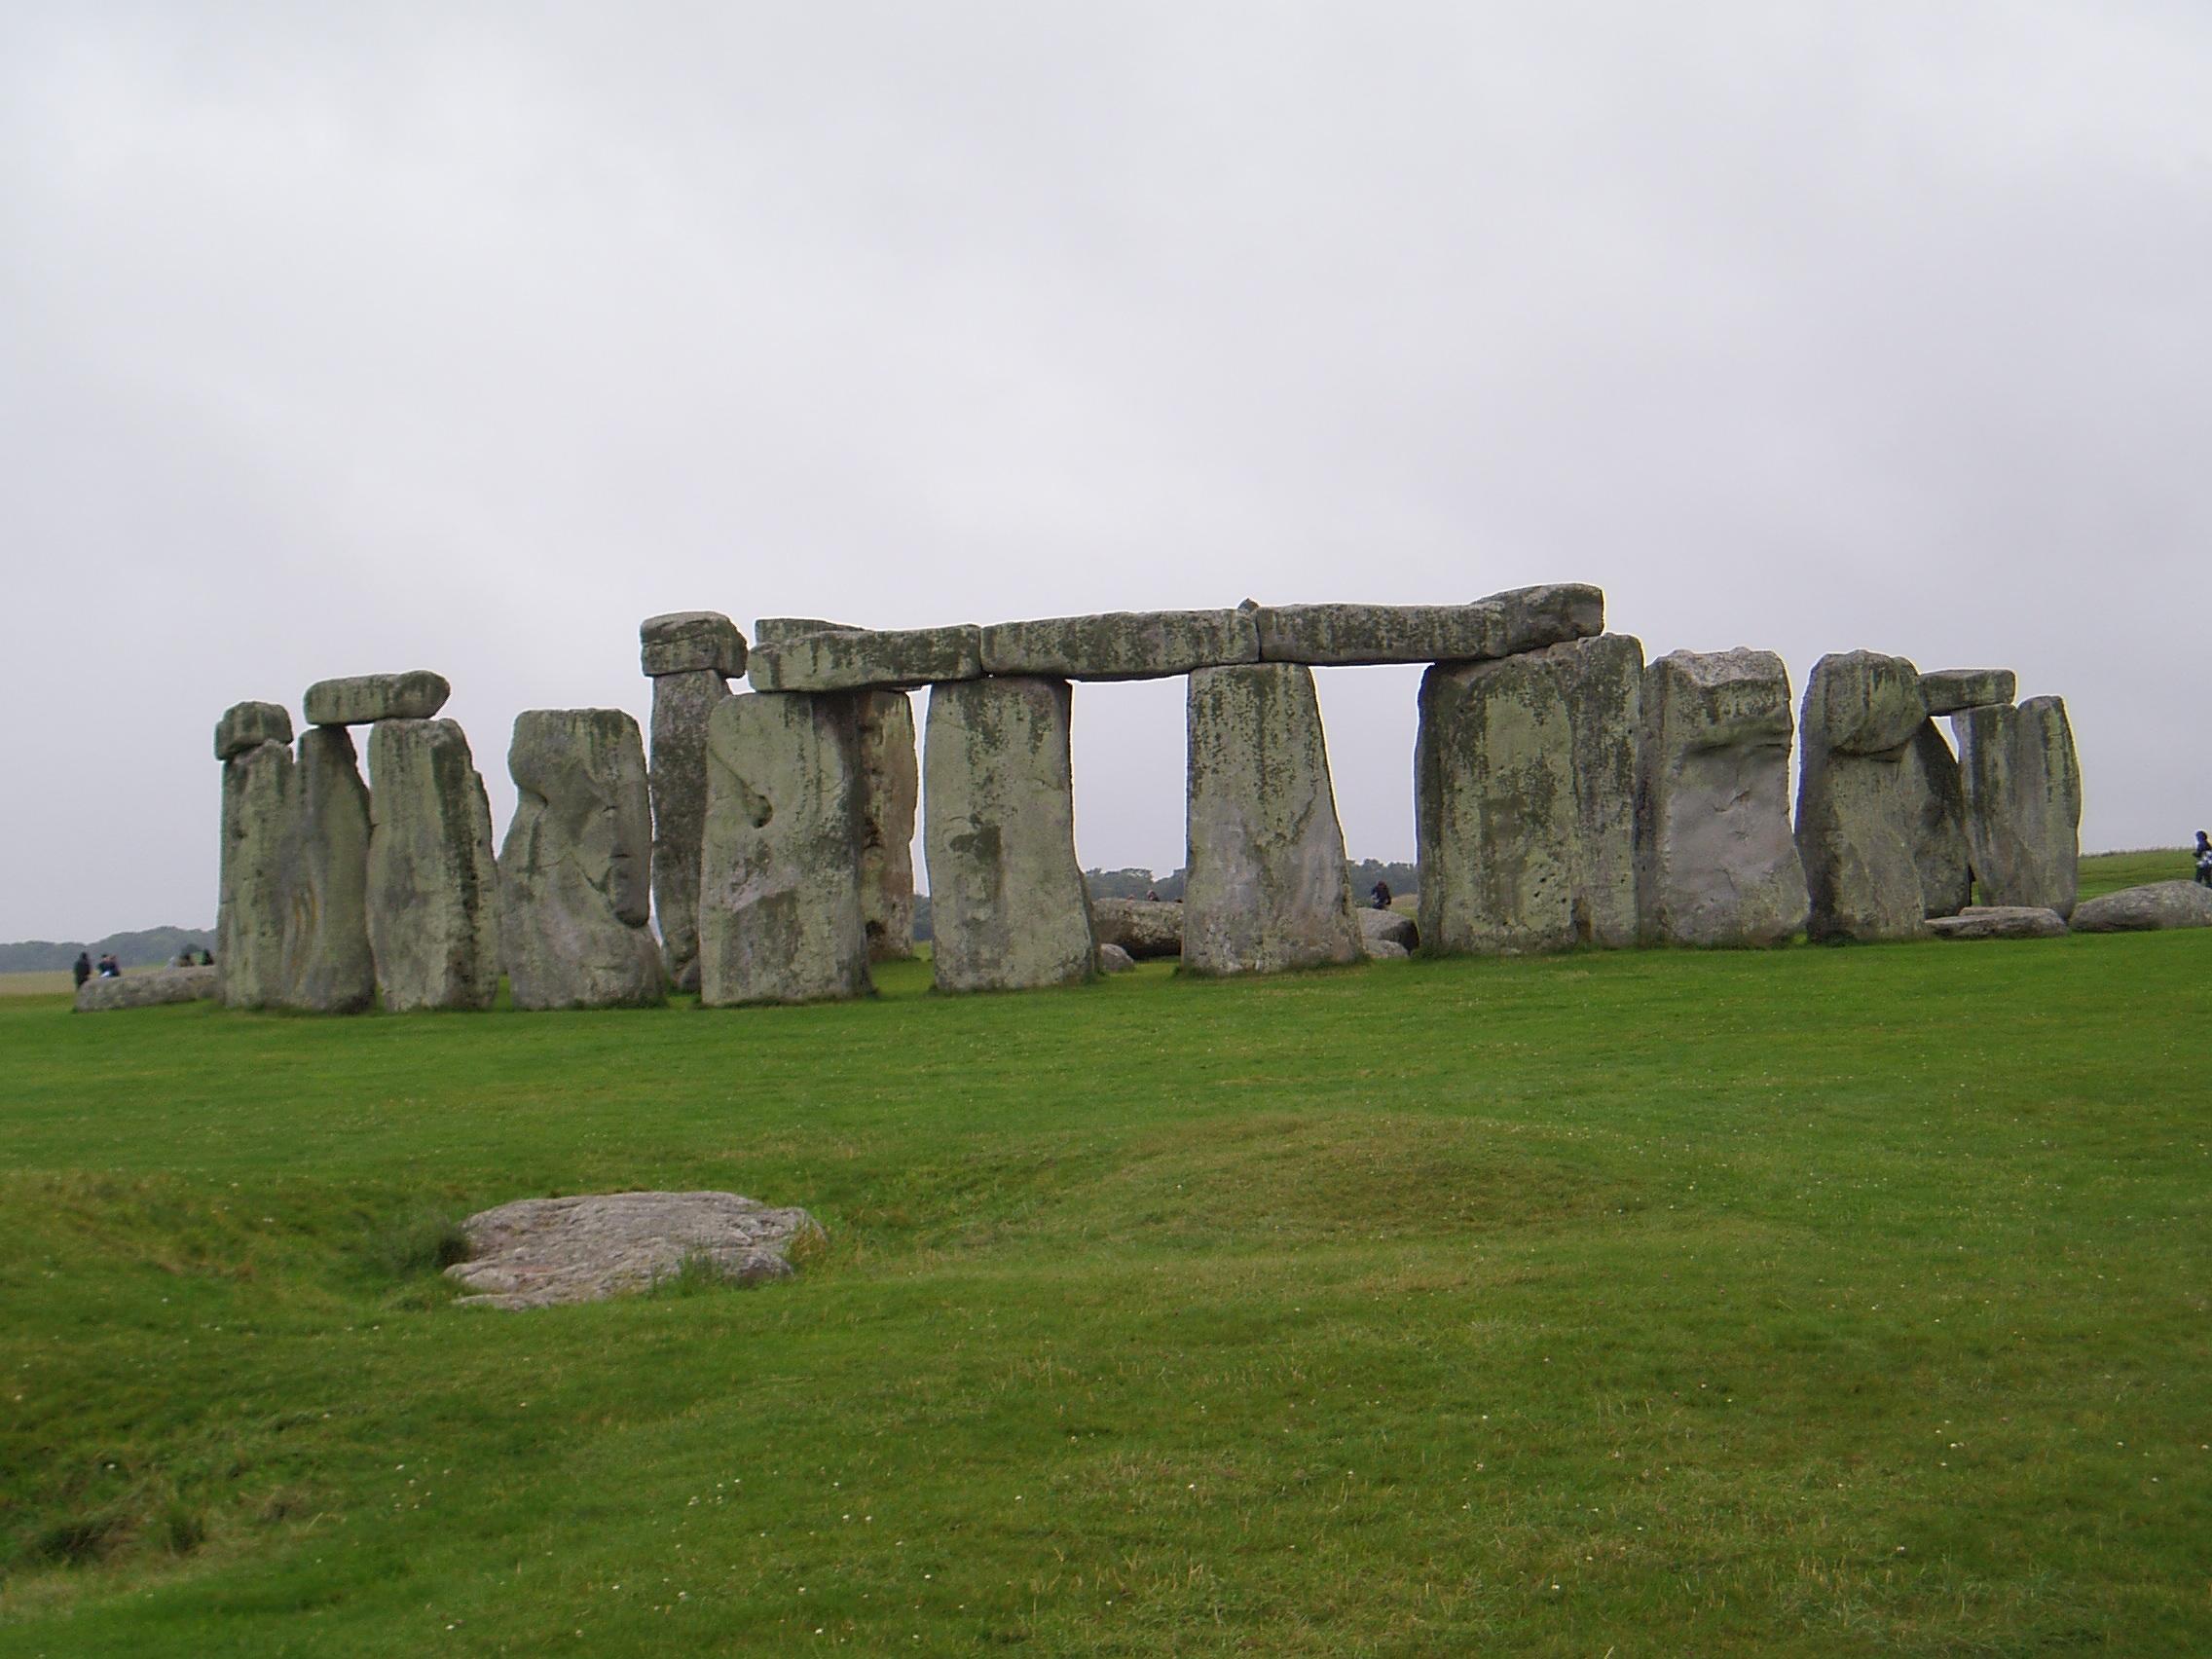 cdc35c7e3e4a0c Stonehenge, Südengland (Grafschaft Wilshire, in der Nähe des Ortes  Amesbury). Von Menschen der Jungsteinzeit vor über 5000 Jahren gebaut (das  bekannteste ...